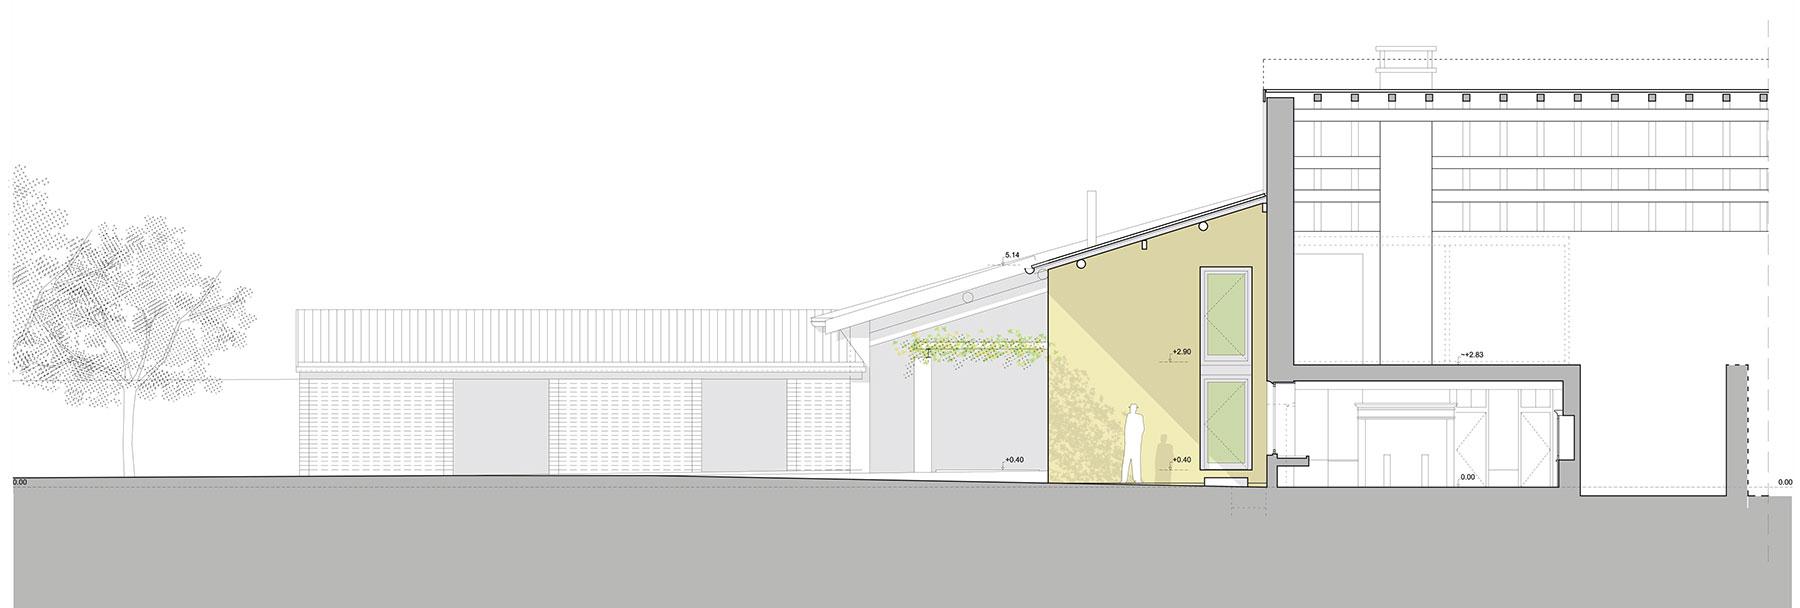 07-facade-cour-100